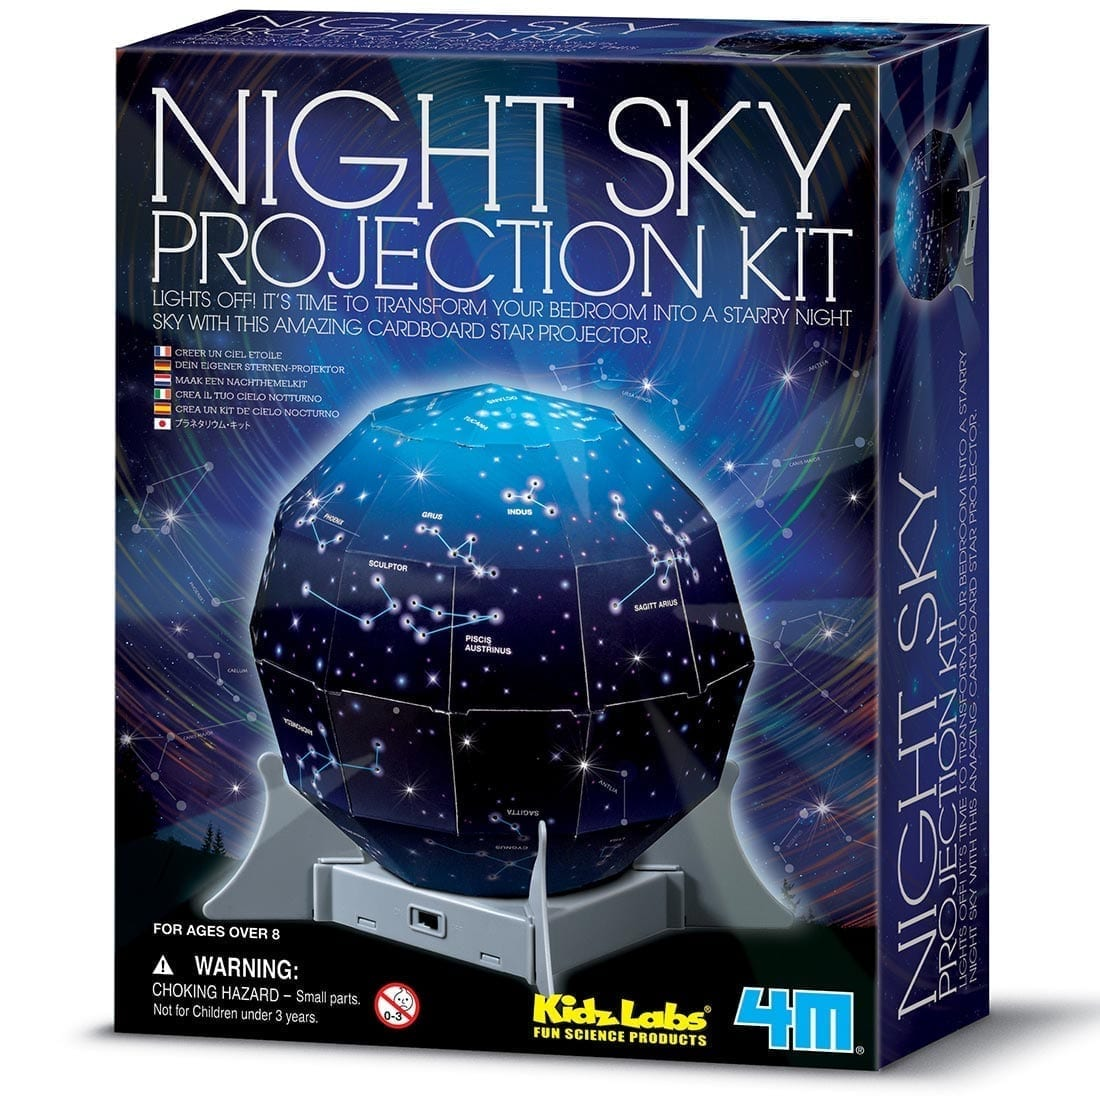 ערכת לבנייה עצמית לילדים מקרן כוכבים עם מנורת לילה